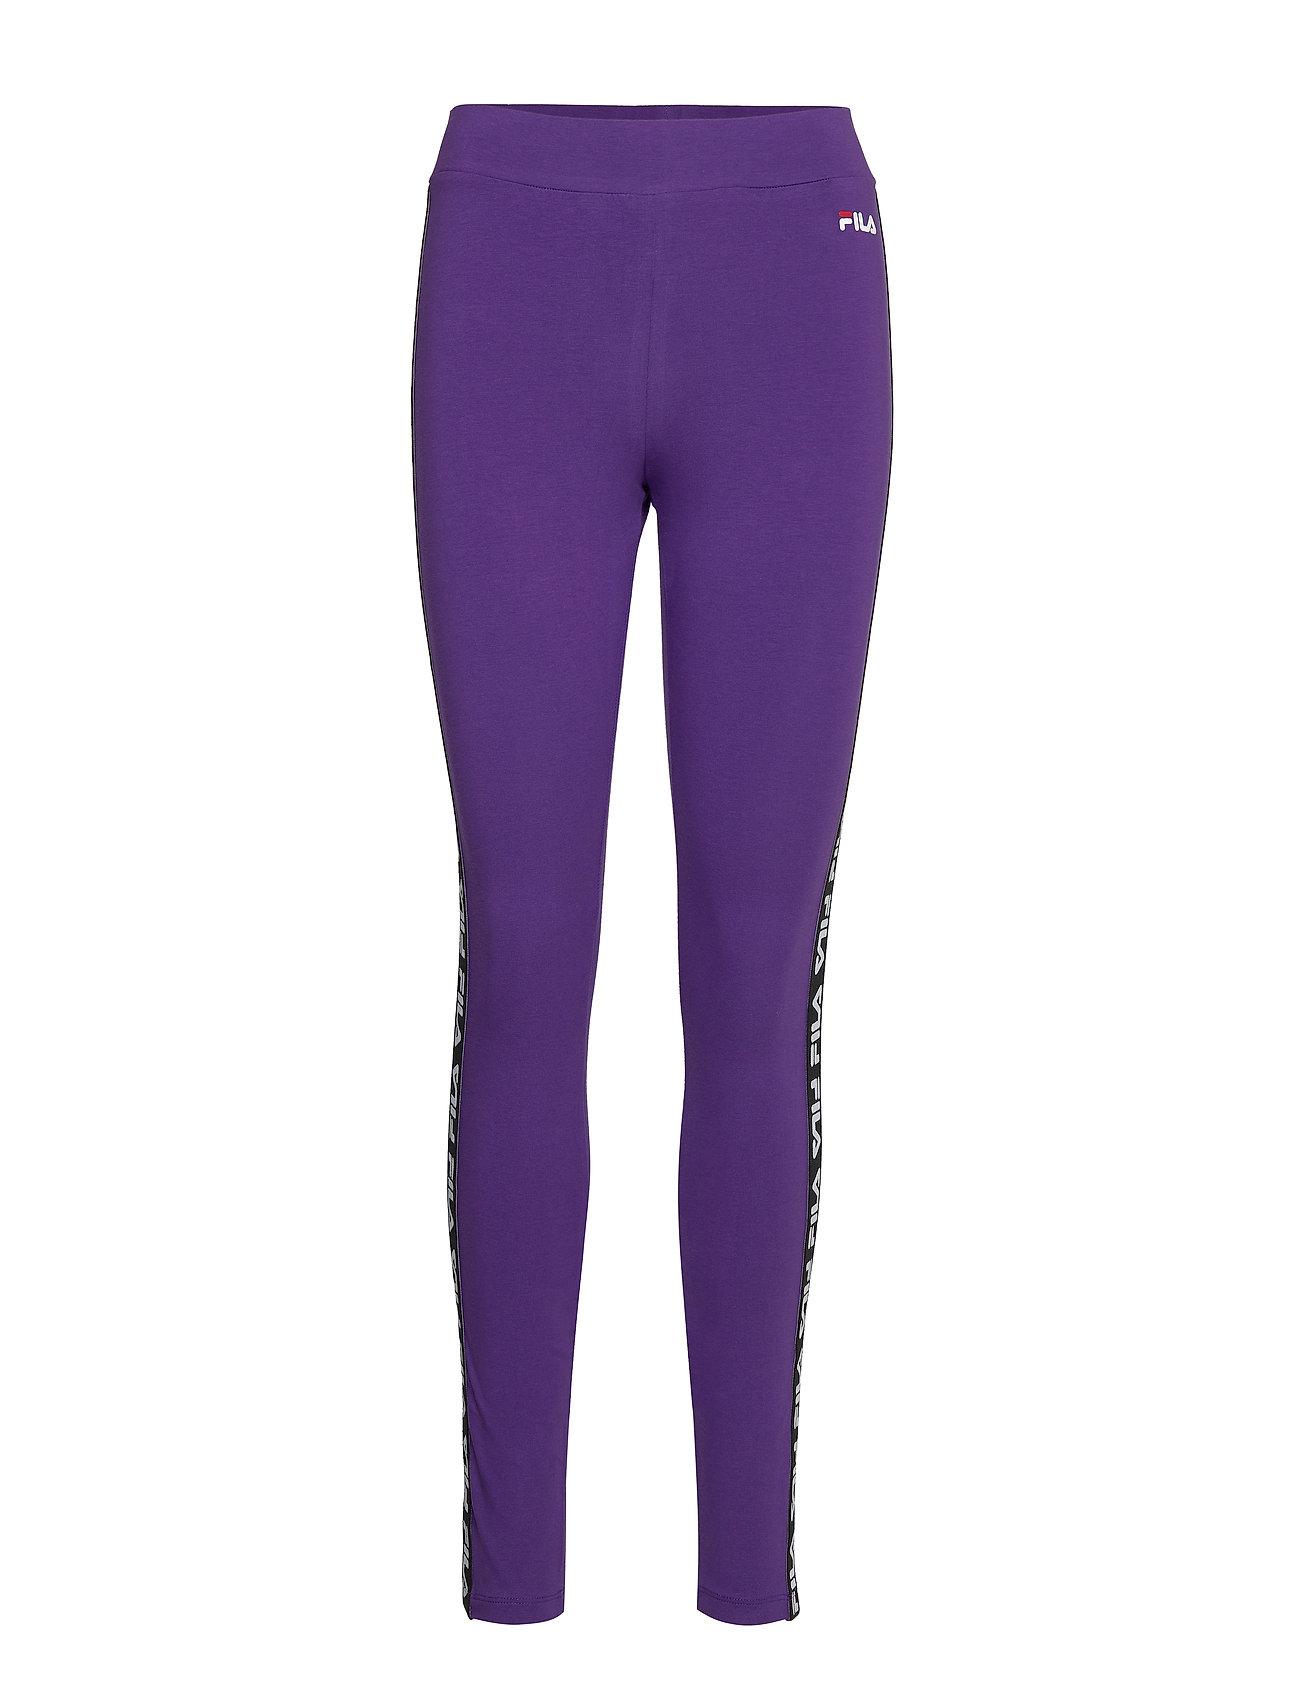 FILA WOMEN PHILINE leggings - A033 - TILLANDSIA PURPLE